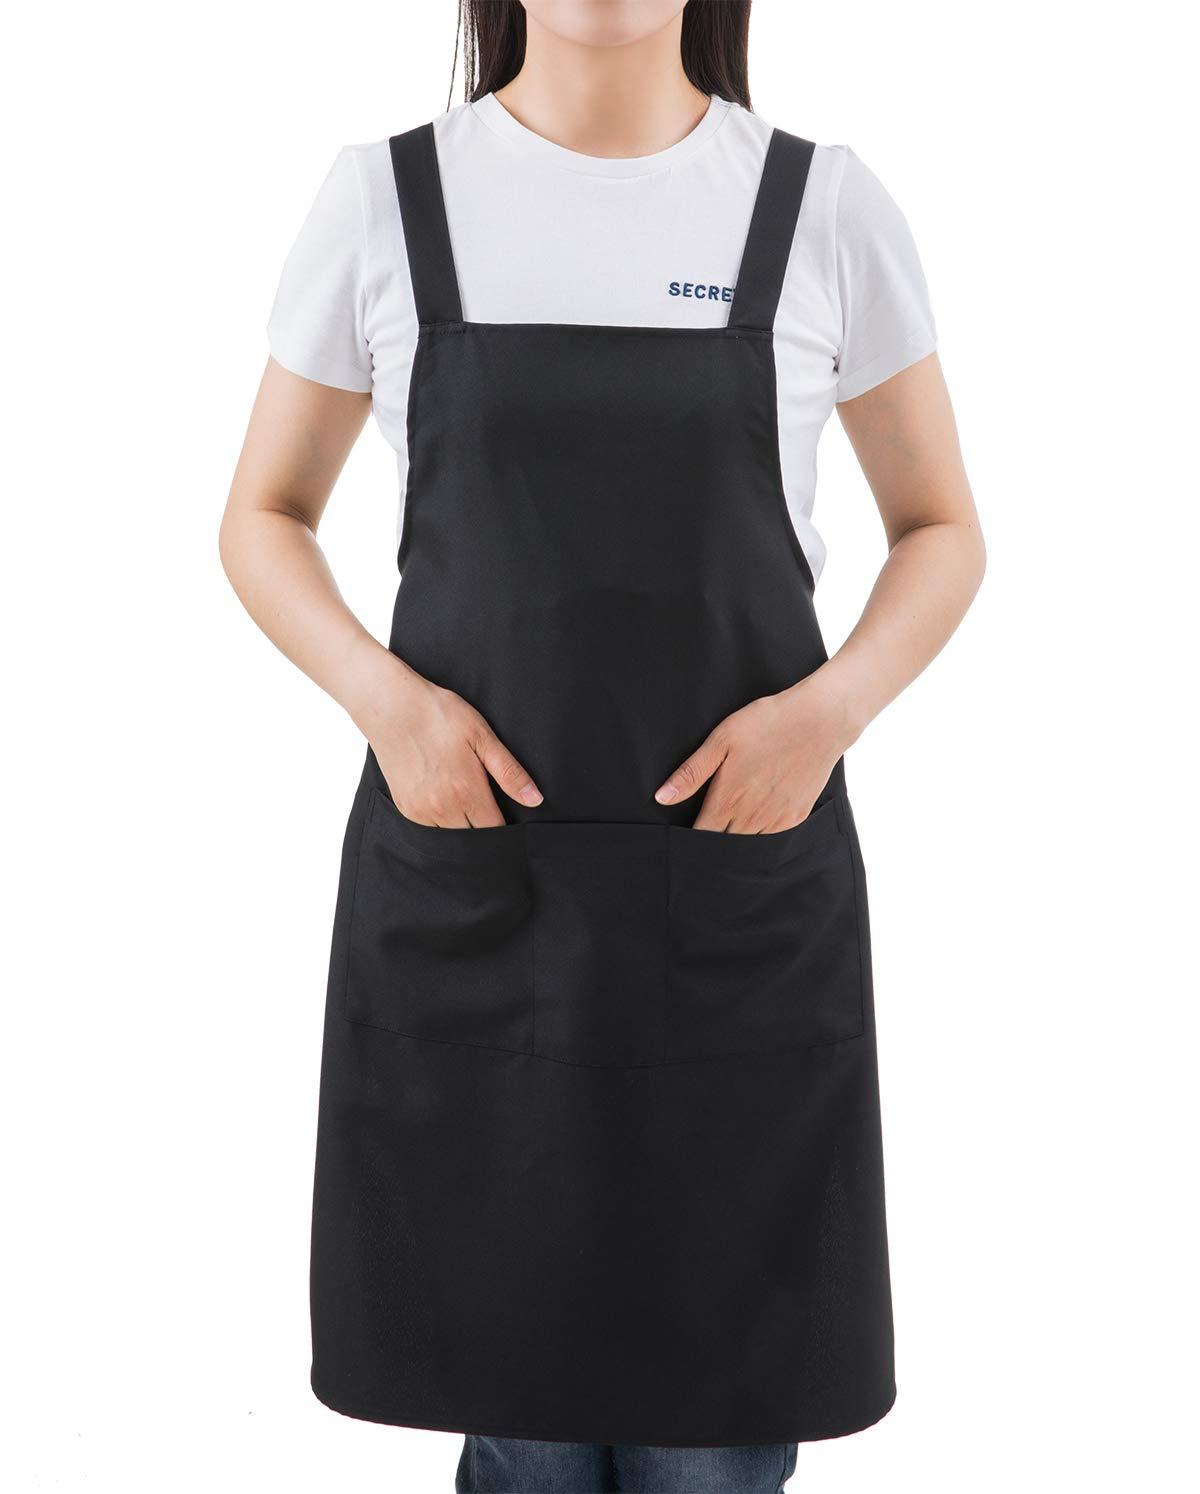 SEW UR LIFE ブラック プロ仕様 防水 プラスサイズ ビブ Hエプロン 3ポケット ホーム キッチン ガーデン レストラン カフェ バー パブ ベーカリー 料理用 シェフ ベーカー サーバー クラフト ユニセックス   B07GHBDT48